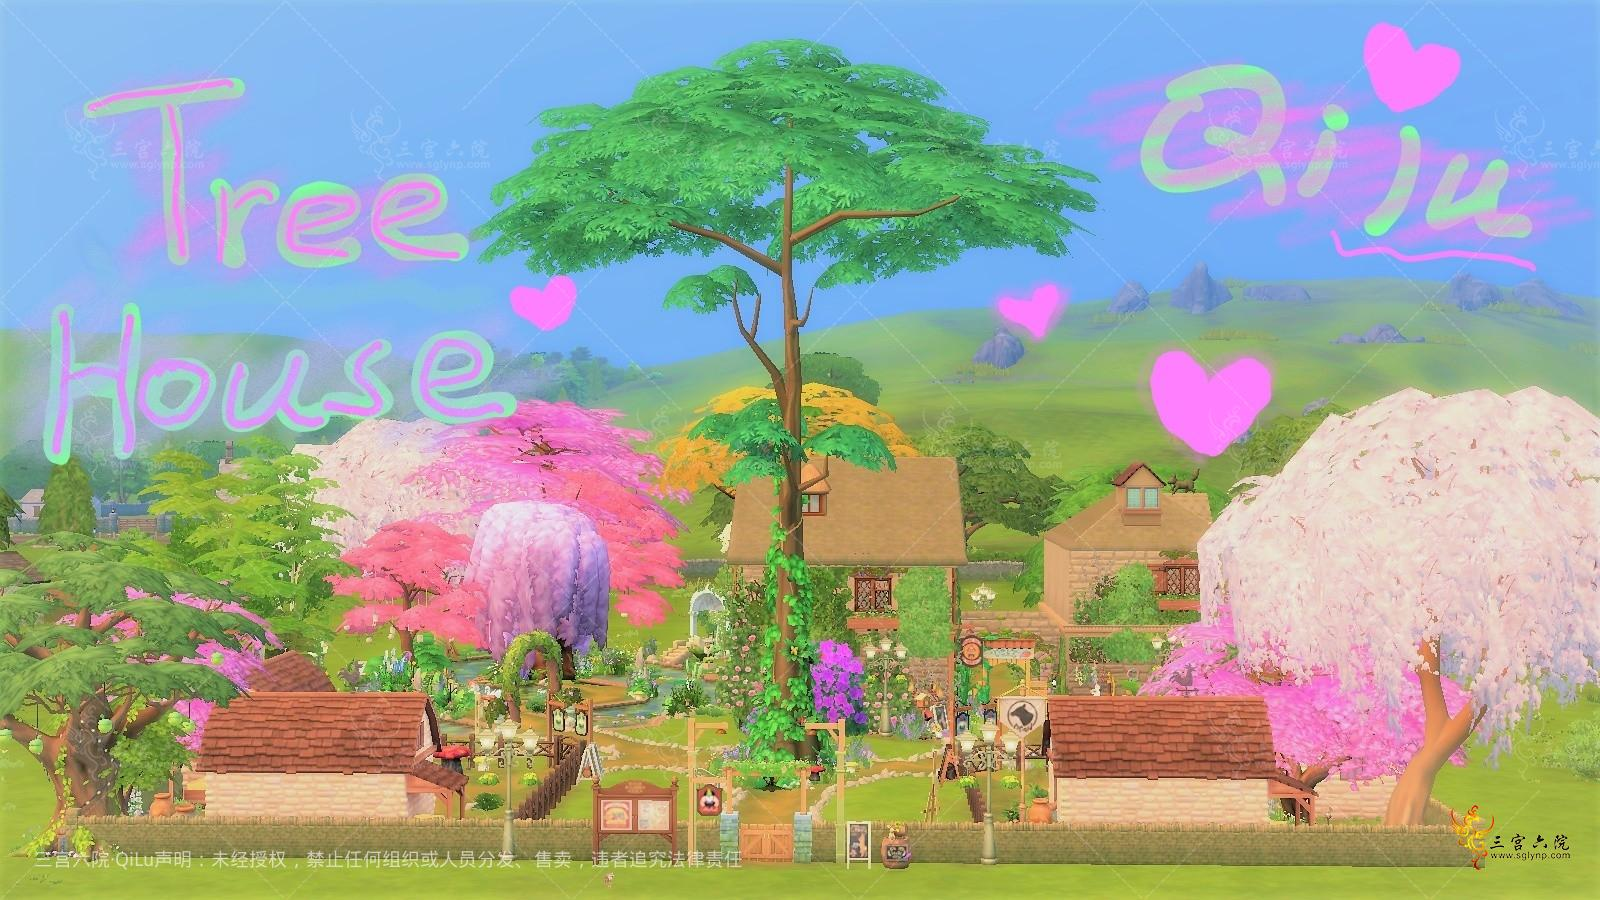 The Sims 4 2021_8_21 17_02_19_LI.jpg